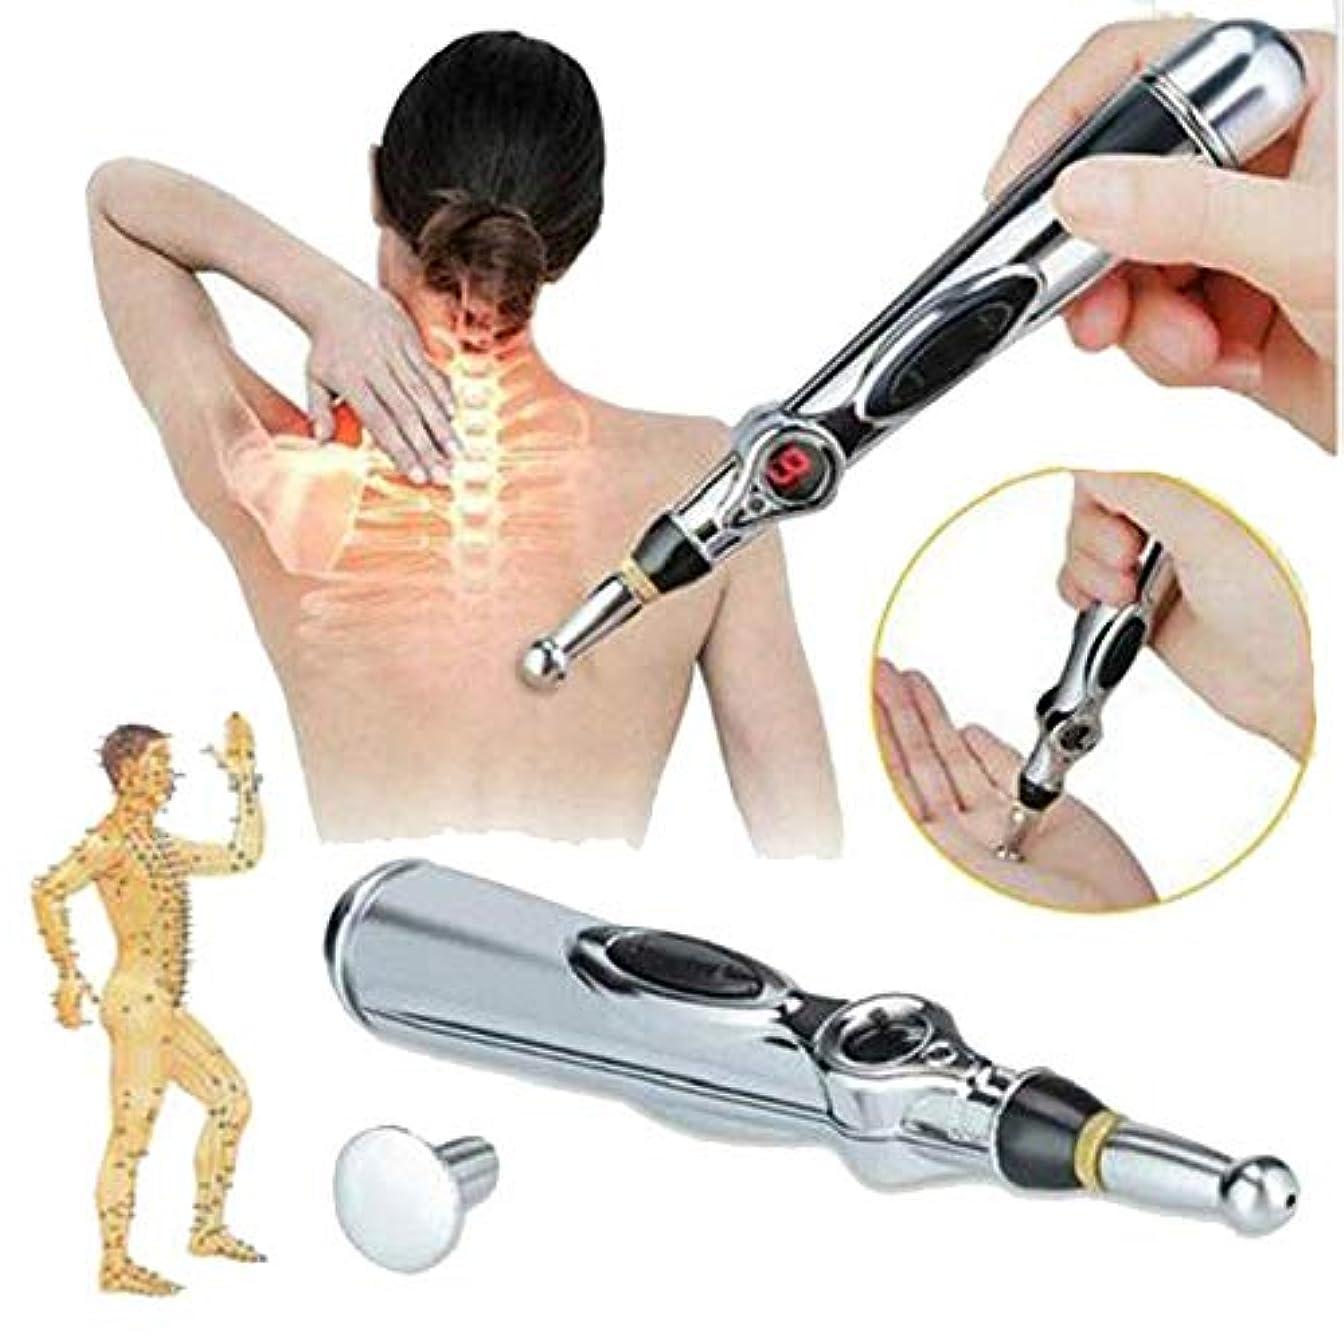 電子鍼ペン、電子経絡レーザー治療、マッサージペン、経絡エネルギーペン、痛み緩和ツール